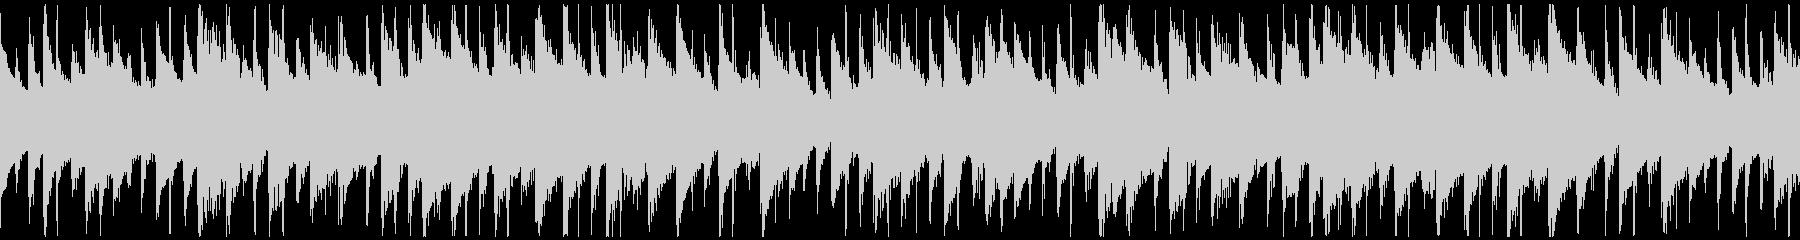 平和な雰囲気のBGM(ループ)の未再生の波形